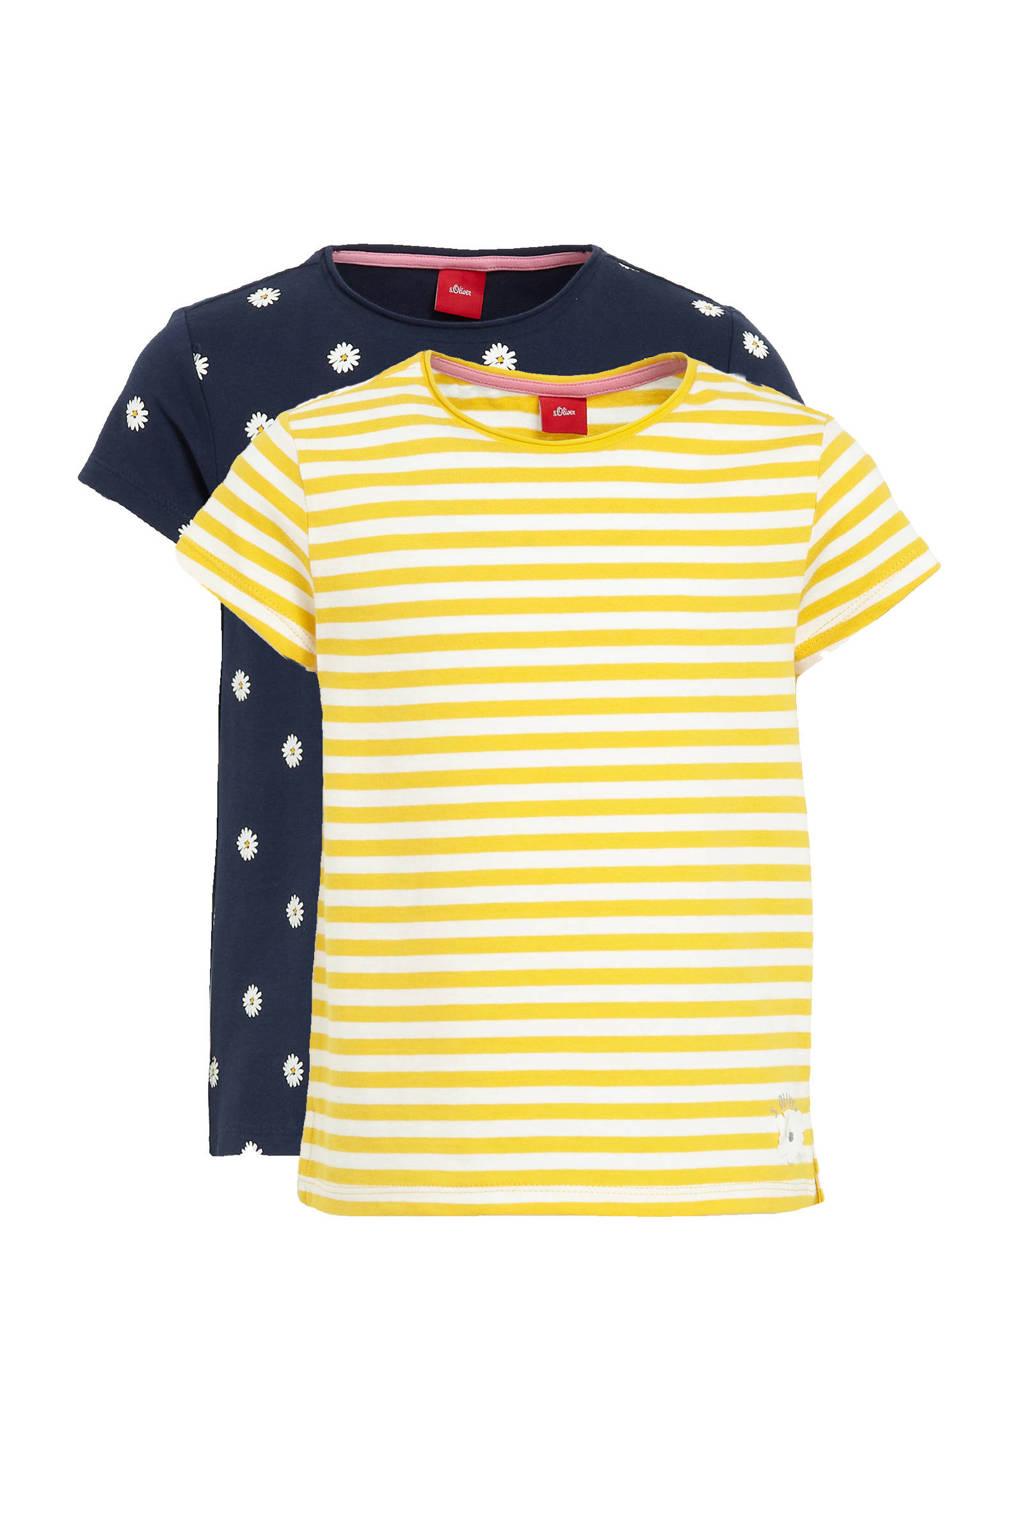 s.Oliver T-shirt - set van 2 streep geel/wit en stip blauw/wit, Geel/wit en blauw/wit